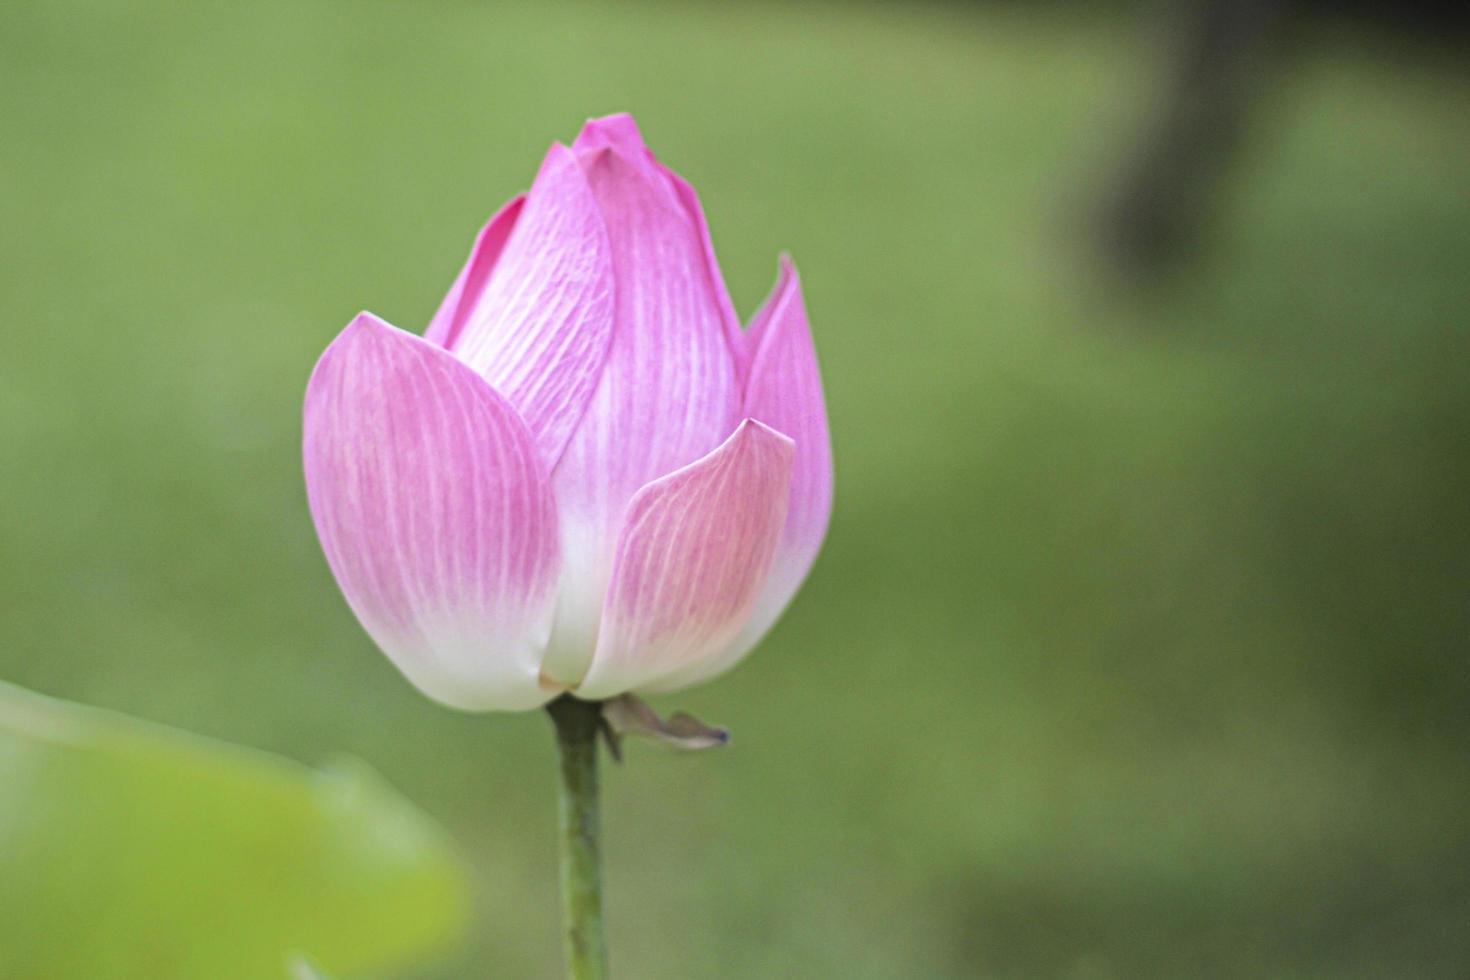 bellissimo loto rosa. lotusa beauty for the water garden nature photography flowers. Close up di bocciolo di loto con terra posteriore verde foto